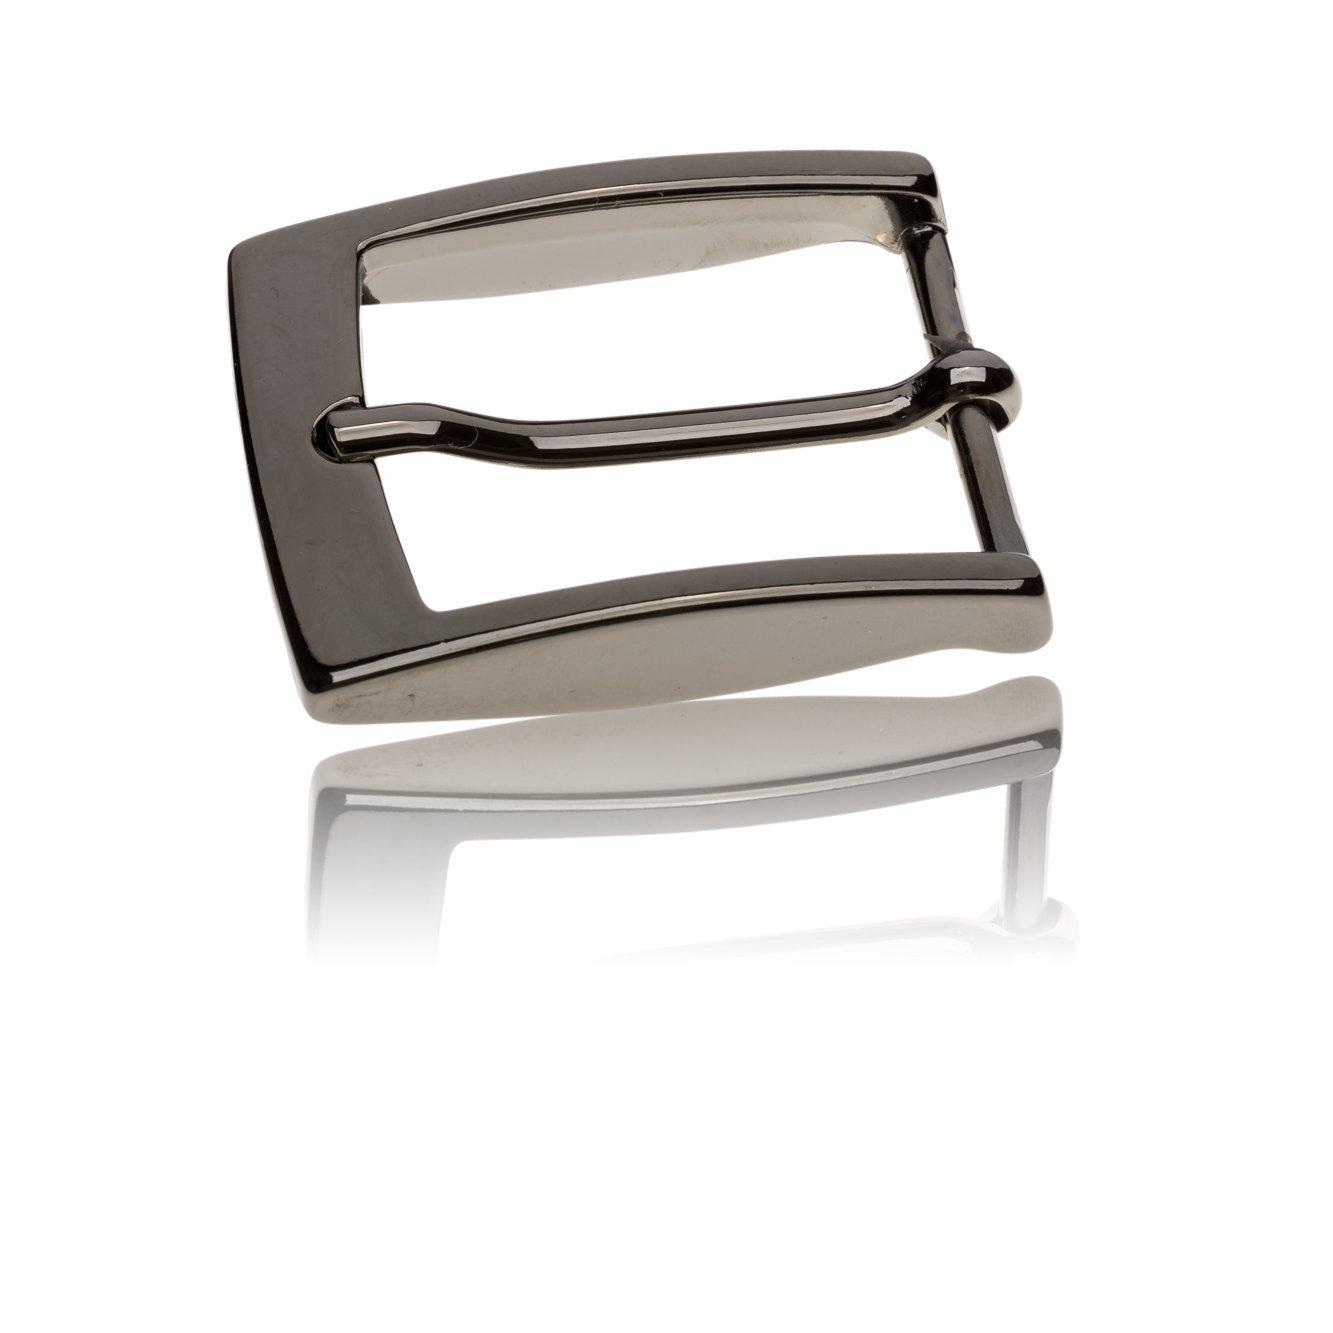 Gürtelschnalle Buckle 35mm Metall Silber Anthrazit - Buckle Facile - Dornschliesse Für Gürtel Mit 3, 5cm Breite - Silberfarben Anthrazit